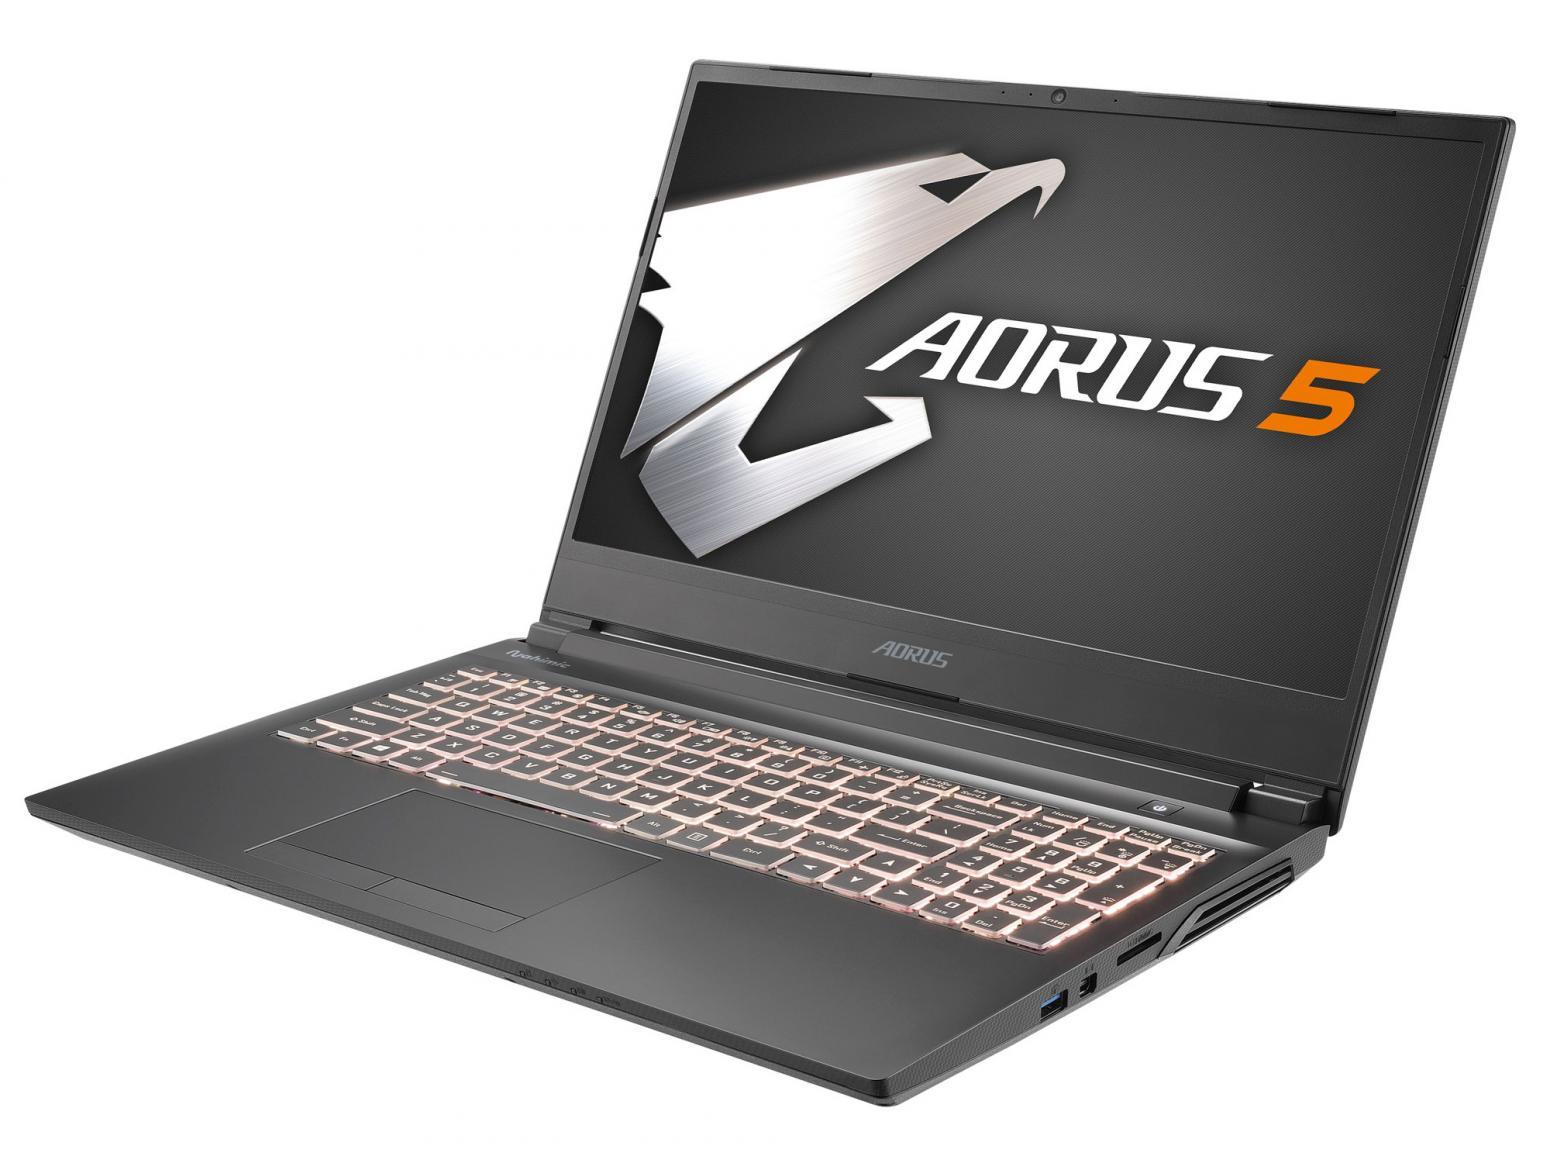 Ordinateur portable Aorus 5 KB-7FR1130SH - GeForce RTX 2060, 144Hz, SSD 512 Go, Comet-H - photo 7